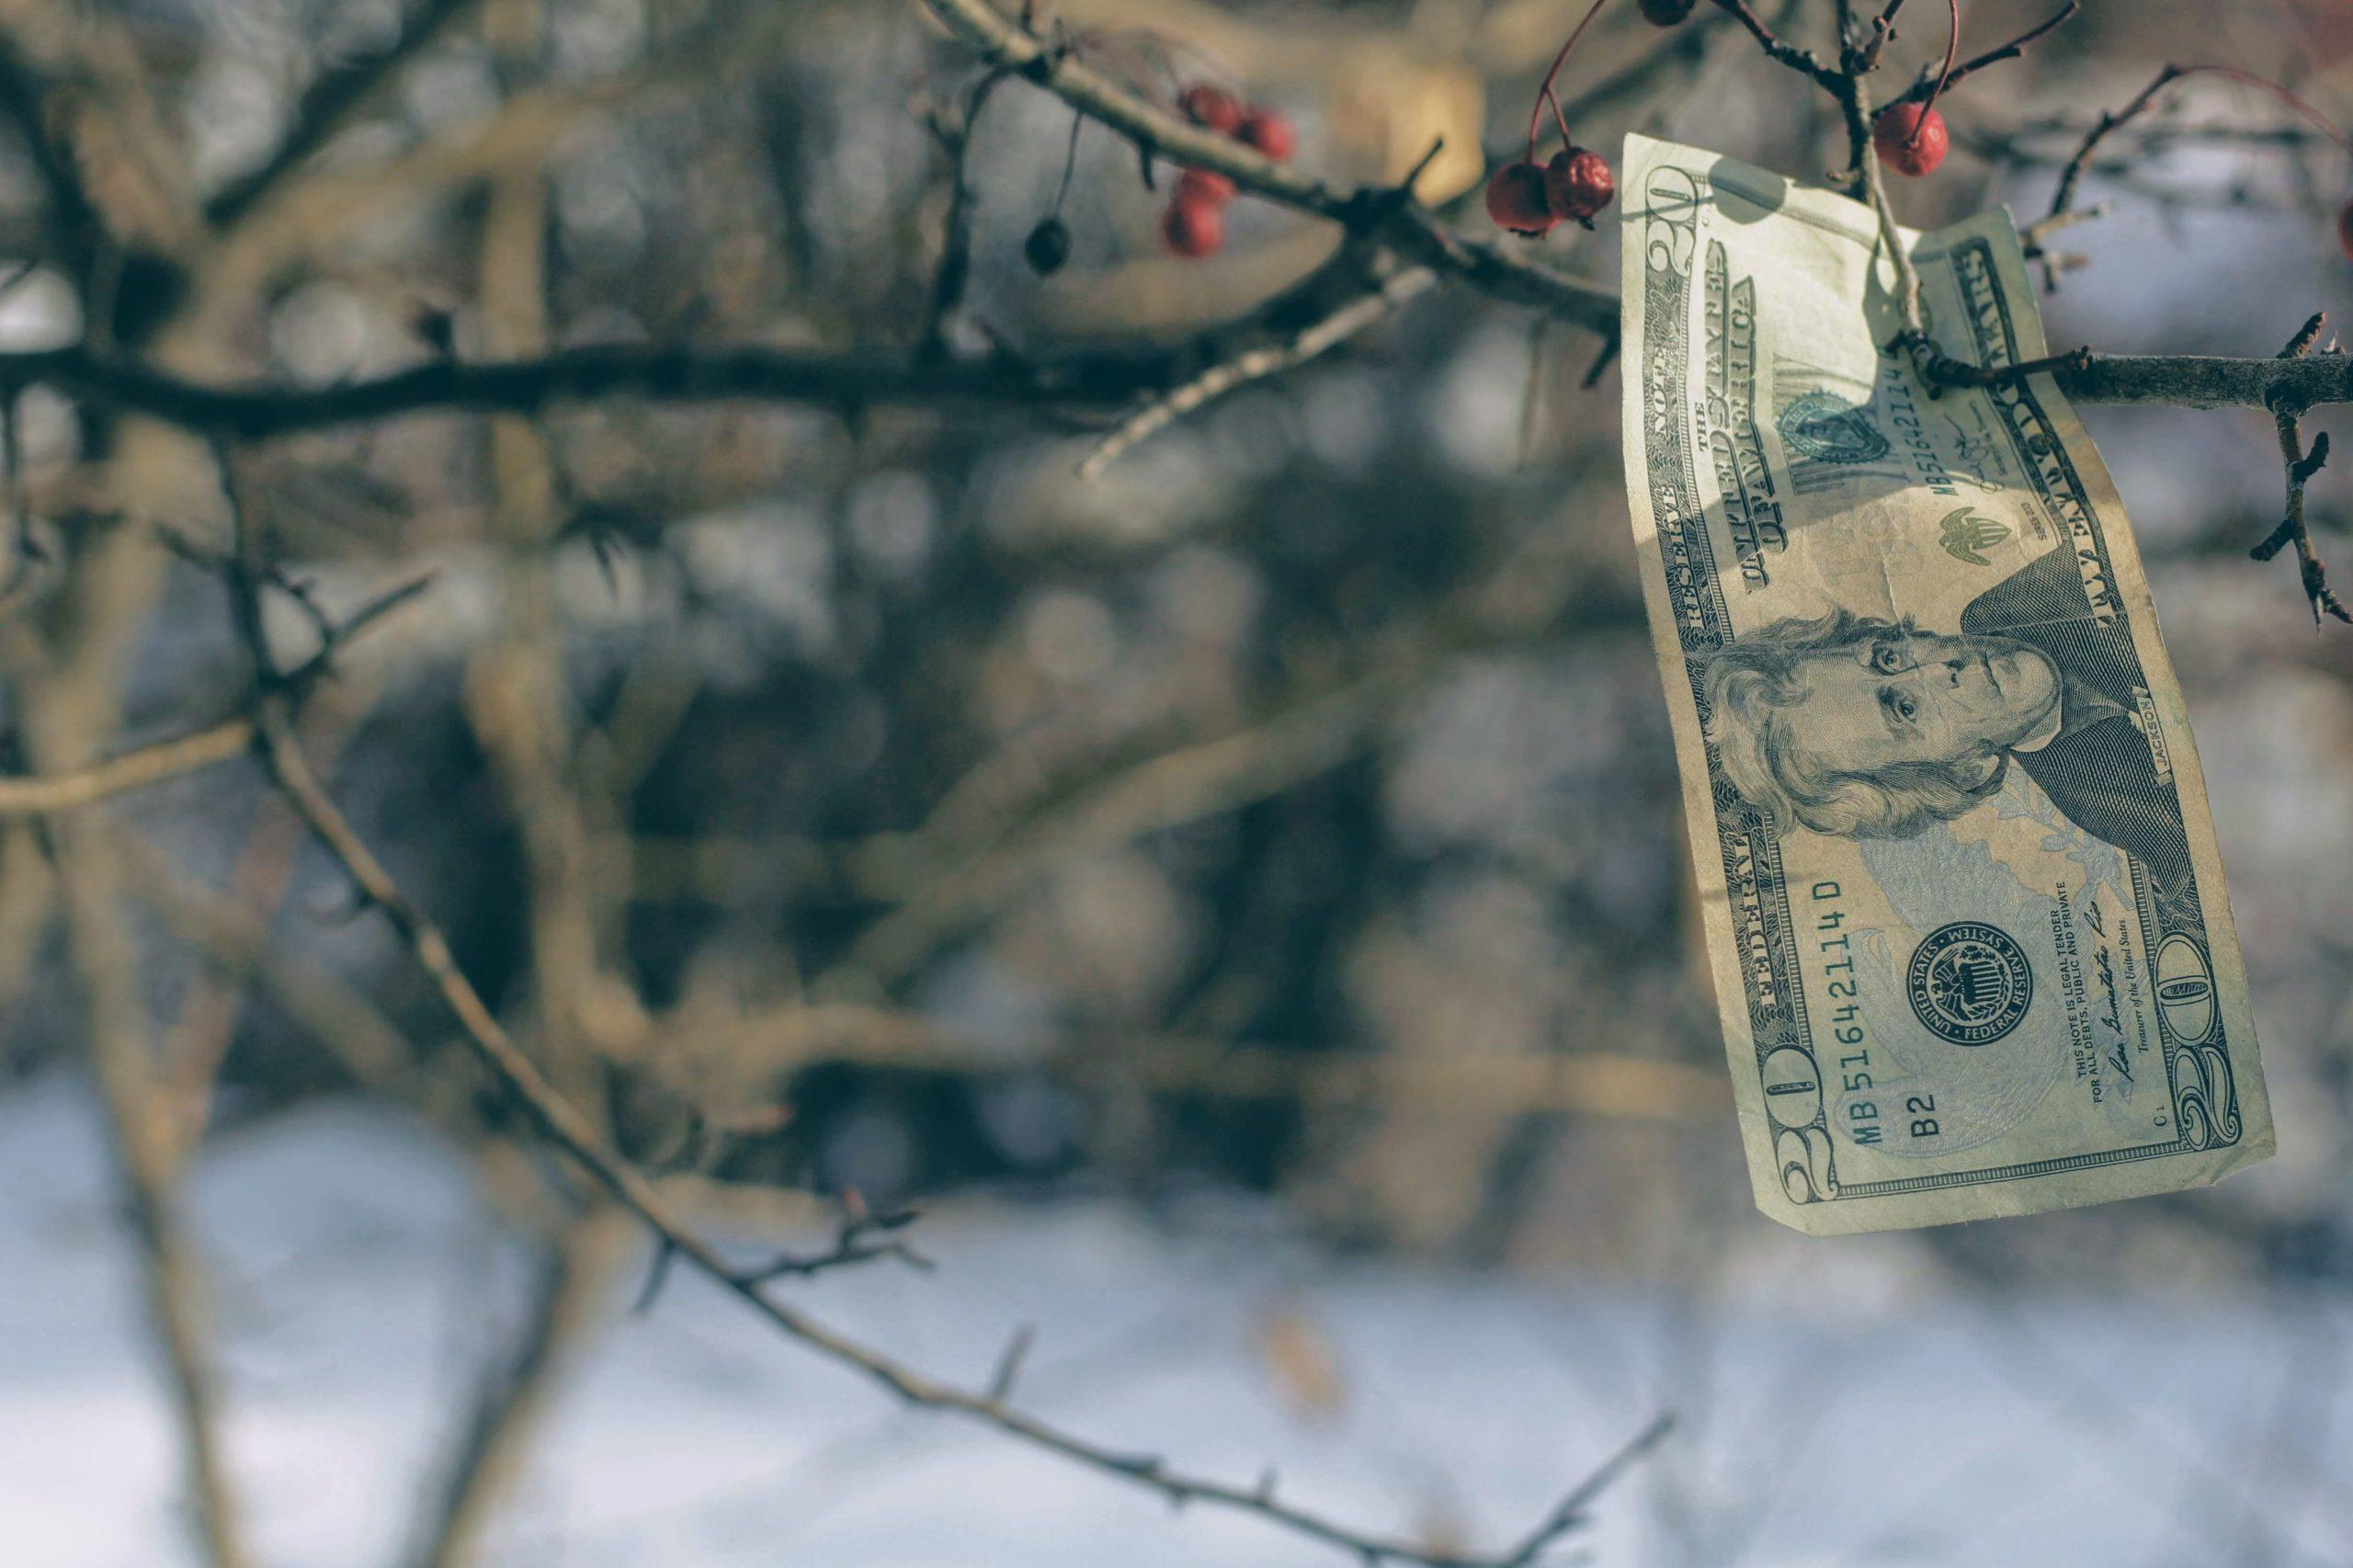 投資初心者でもハイリターンは実現可能?リスクから判断する金融商品の選び方